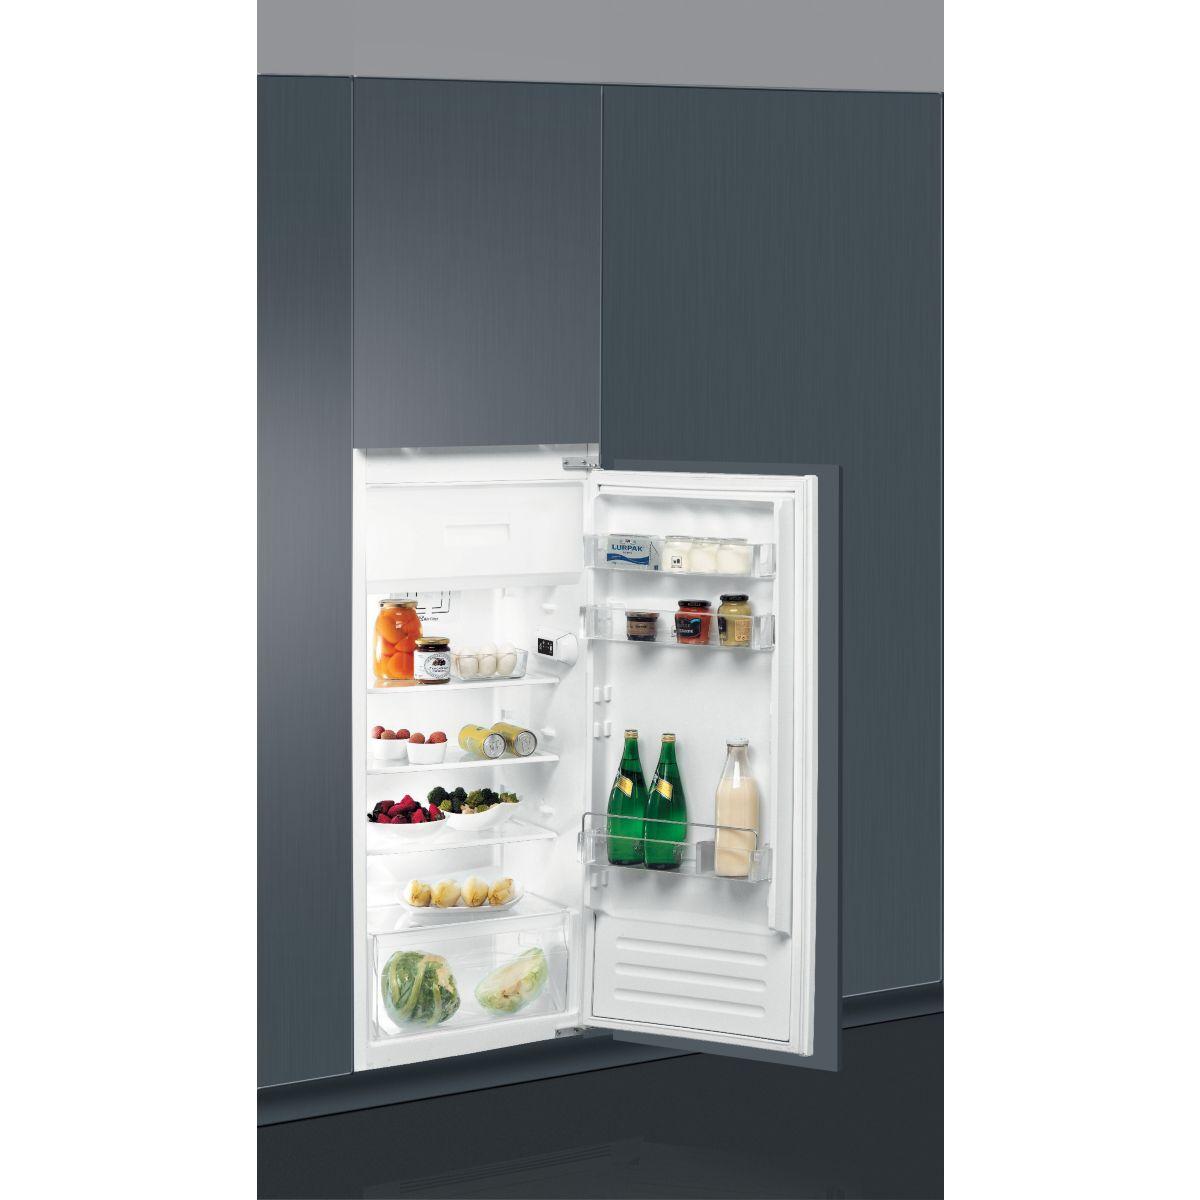 Réfrigérateur encastrable whirlpool arg865/a+ - 15% de remise immédiate avec le code : cool15 (photo)